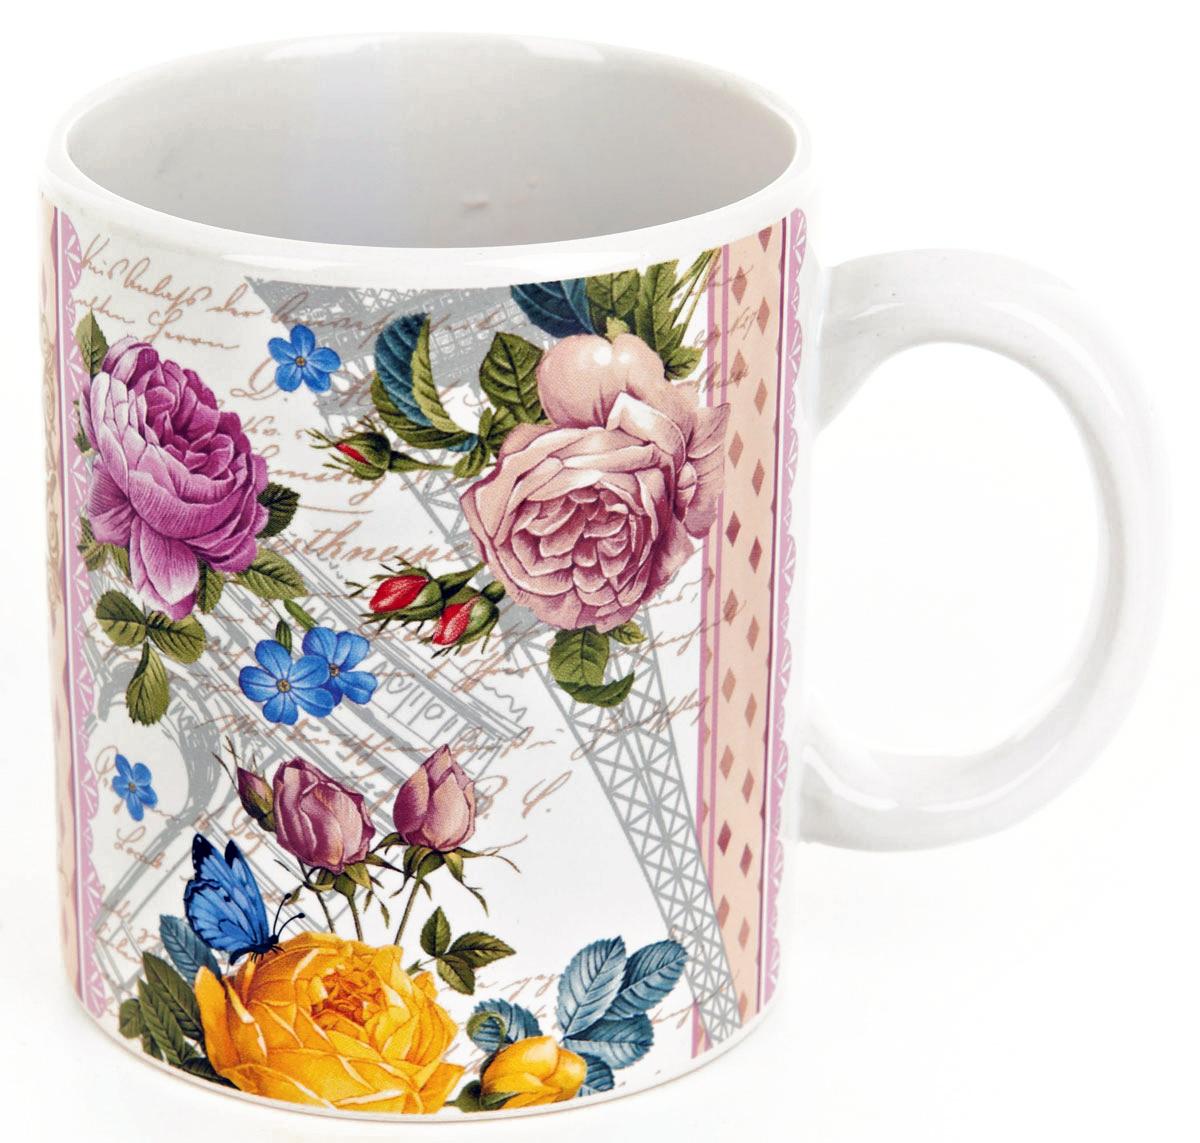 Кружка ENS Group Лето в Европе, 400 мл. 06600870660087Кружка Лето в Европе изготовлена из высококачественной керамики. Изделие оформлено изысканным рисунком. Такая кружка прекрасно оформит стол к чаепитию и станет его неизменным атрибутом. Можно мыть в посудомоечной машине.